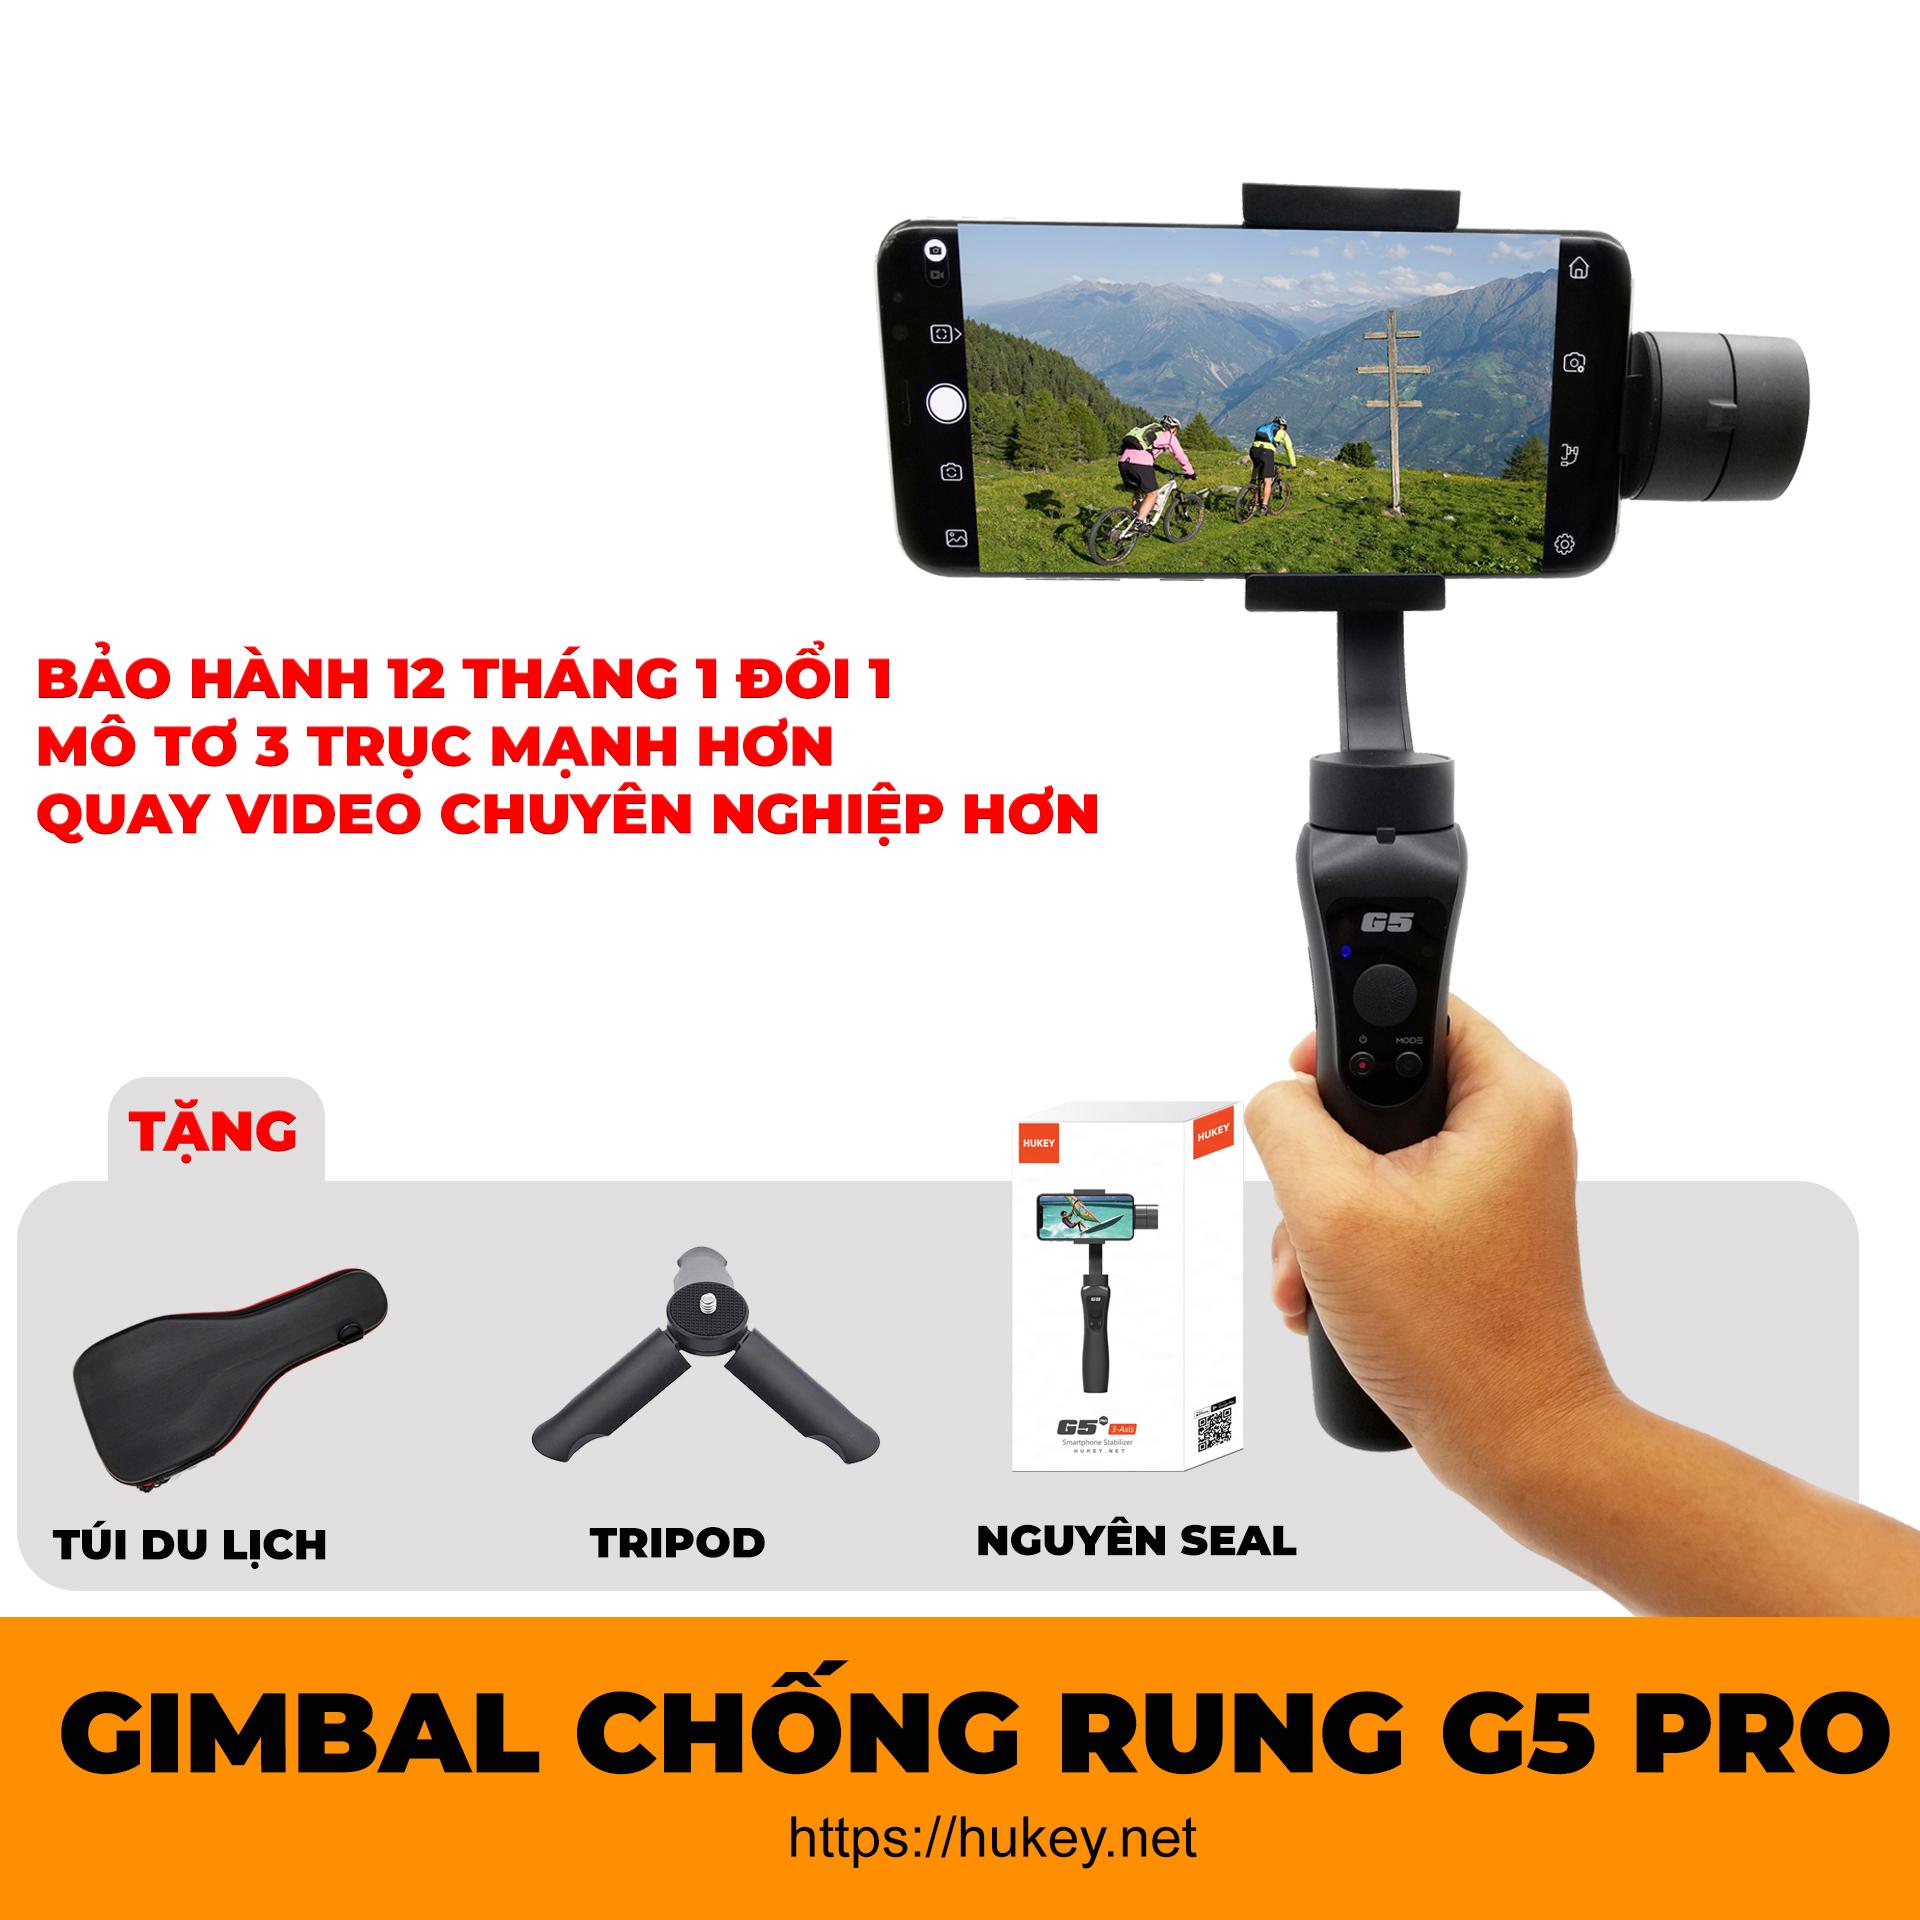 Gimbal chống rung HUKEY G5 PRO cho Smartphone, Gopro, Gitup, Sjcam, Eken - Đối thủ đáng gờm Zhiyun Smooth 4 - Gimbal tay cầm chống rung HUKEY G5 PRO